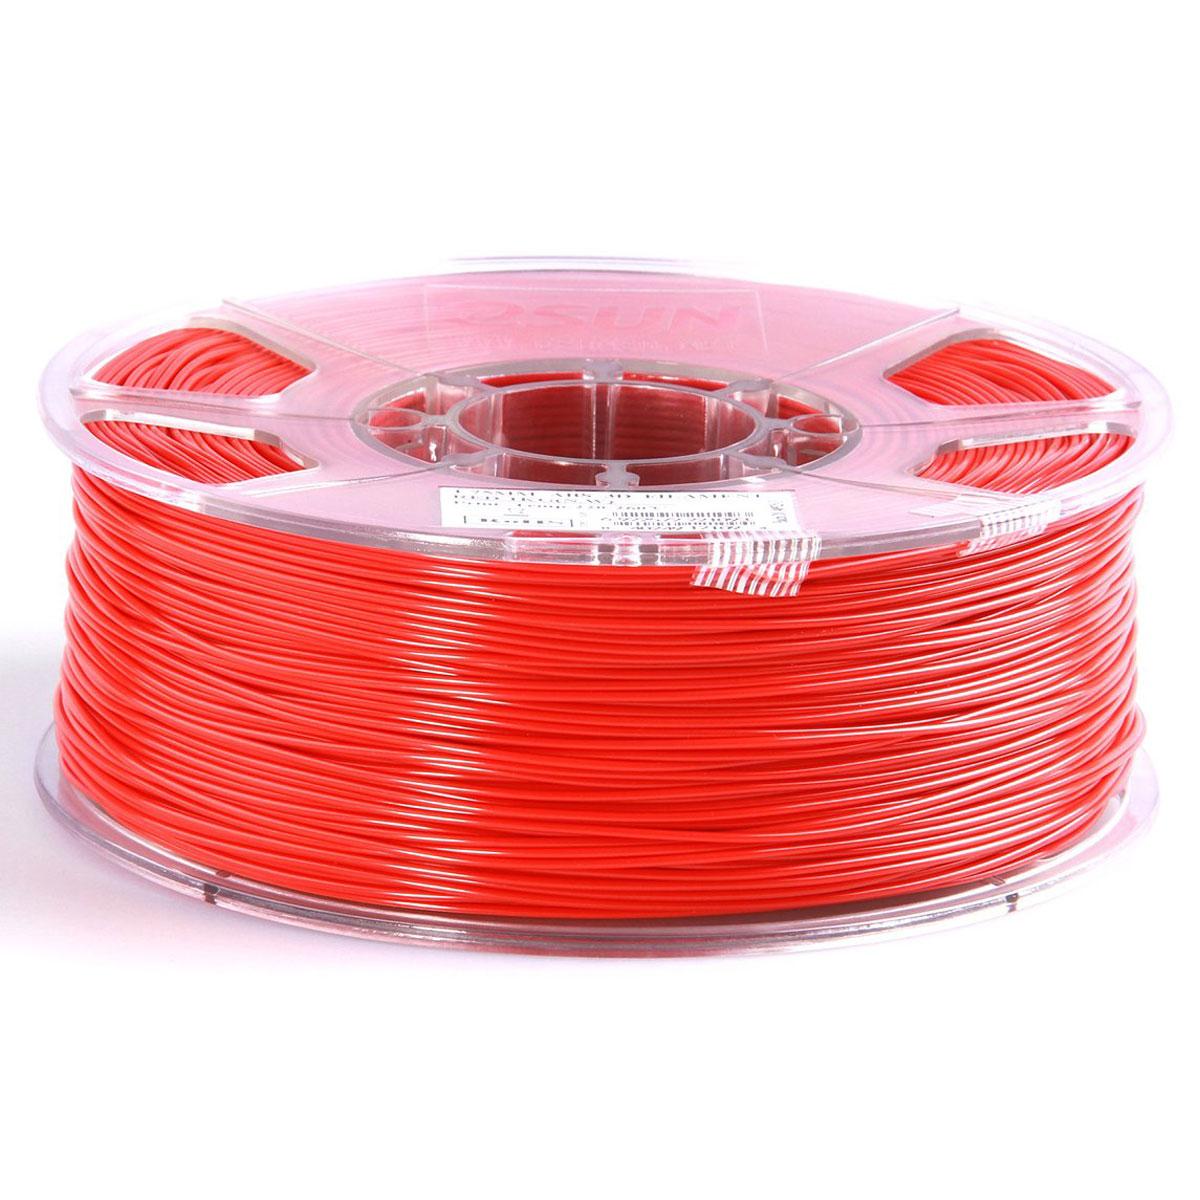 ESUN пластик ABS в катушке, Red, 1,75 ммABS175R1Пластик ABS от ESUN долговечный и очень прочный полимер, ударопрочный, эластичный и стойкий к моющим средствам и щелочам. Один из лучших материалов для печати на 3D принтере. Пластик ABS не имеет запаха и не является токсичным. Температура плавления 220-260°C. АБС пластик для 3D-принтера применяется в деталях автомобилей, канцелярских изделиях, корпусах бытовой техники, мебели, сантехники, а также в производстве игрушек, сувениров, спортивного инвентаря, деталей оружия, медицинского оборудования и прочего. Диаметр пластиковой нити: 1.75 мм